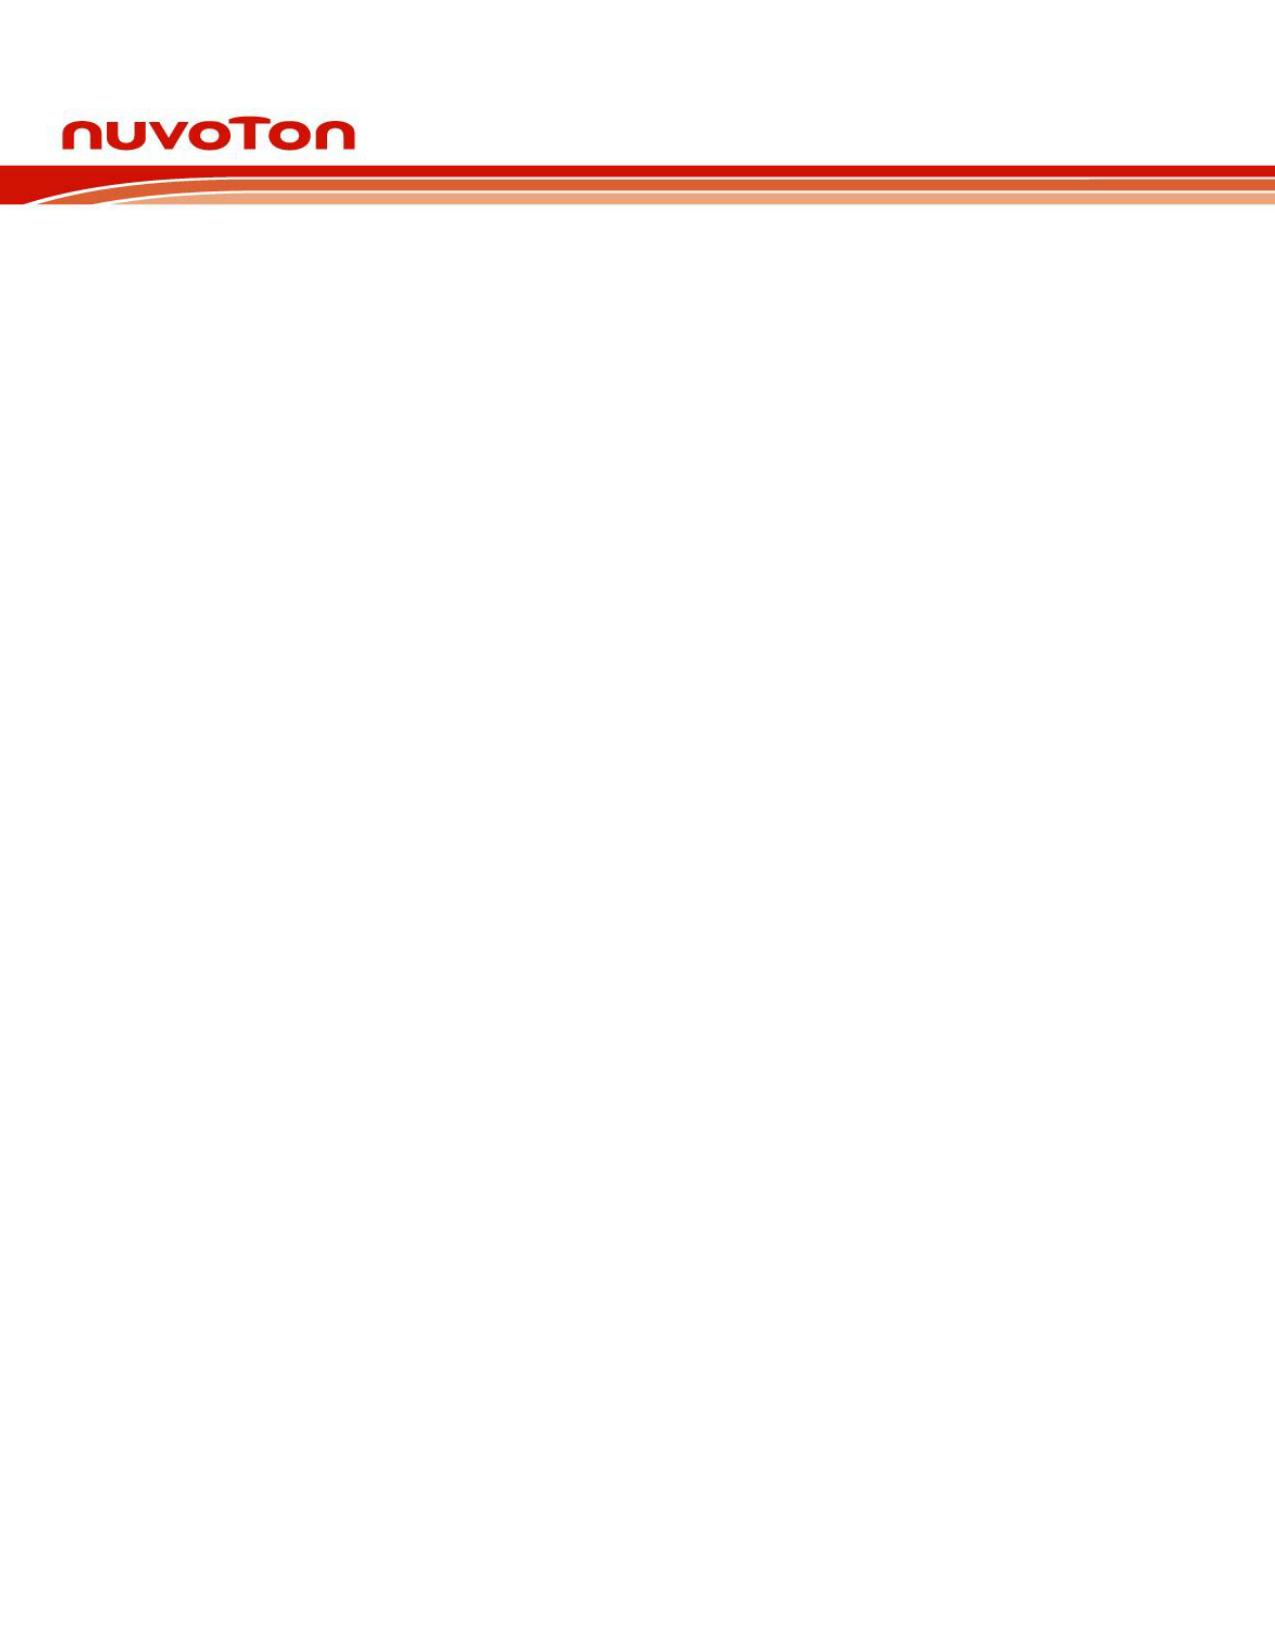 M058LBN دیتاشیت PDF